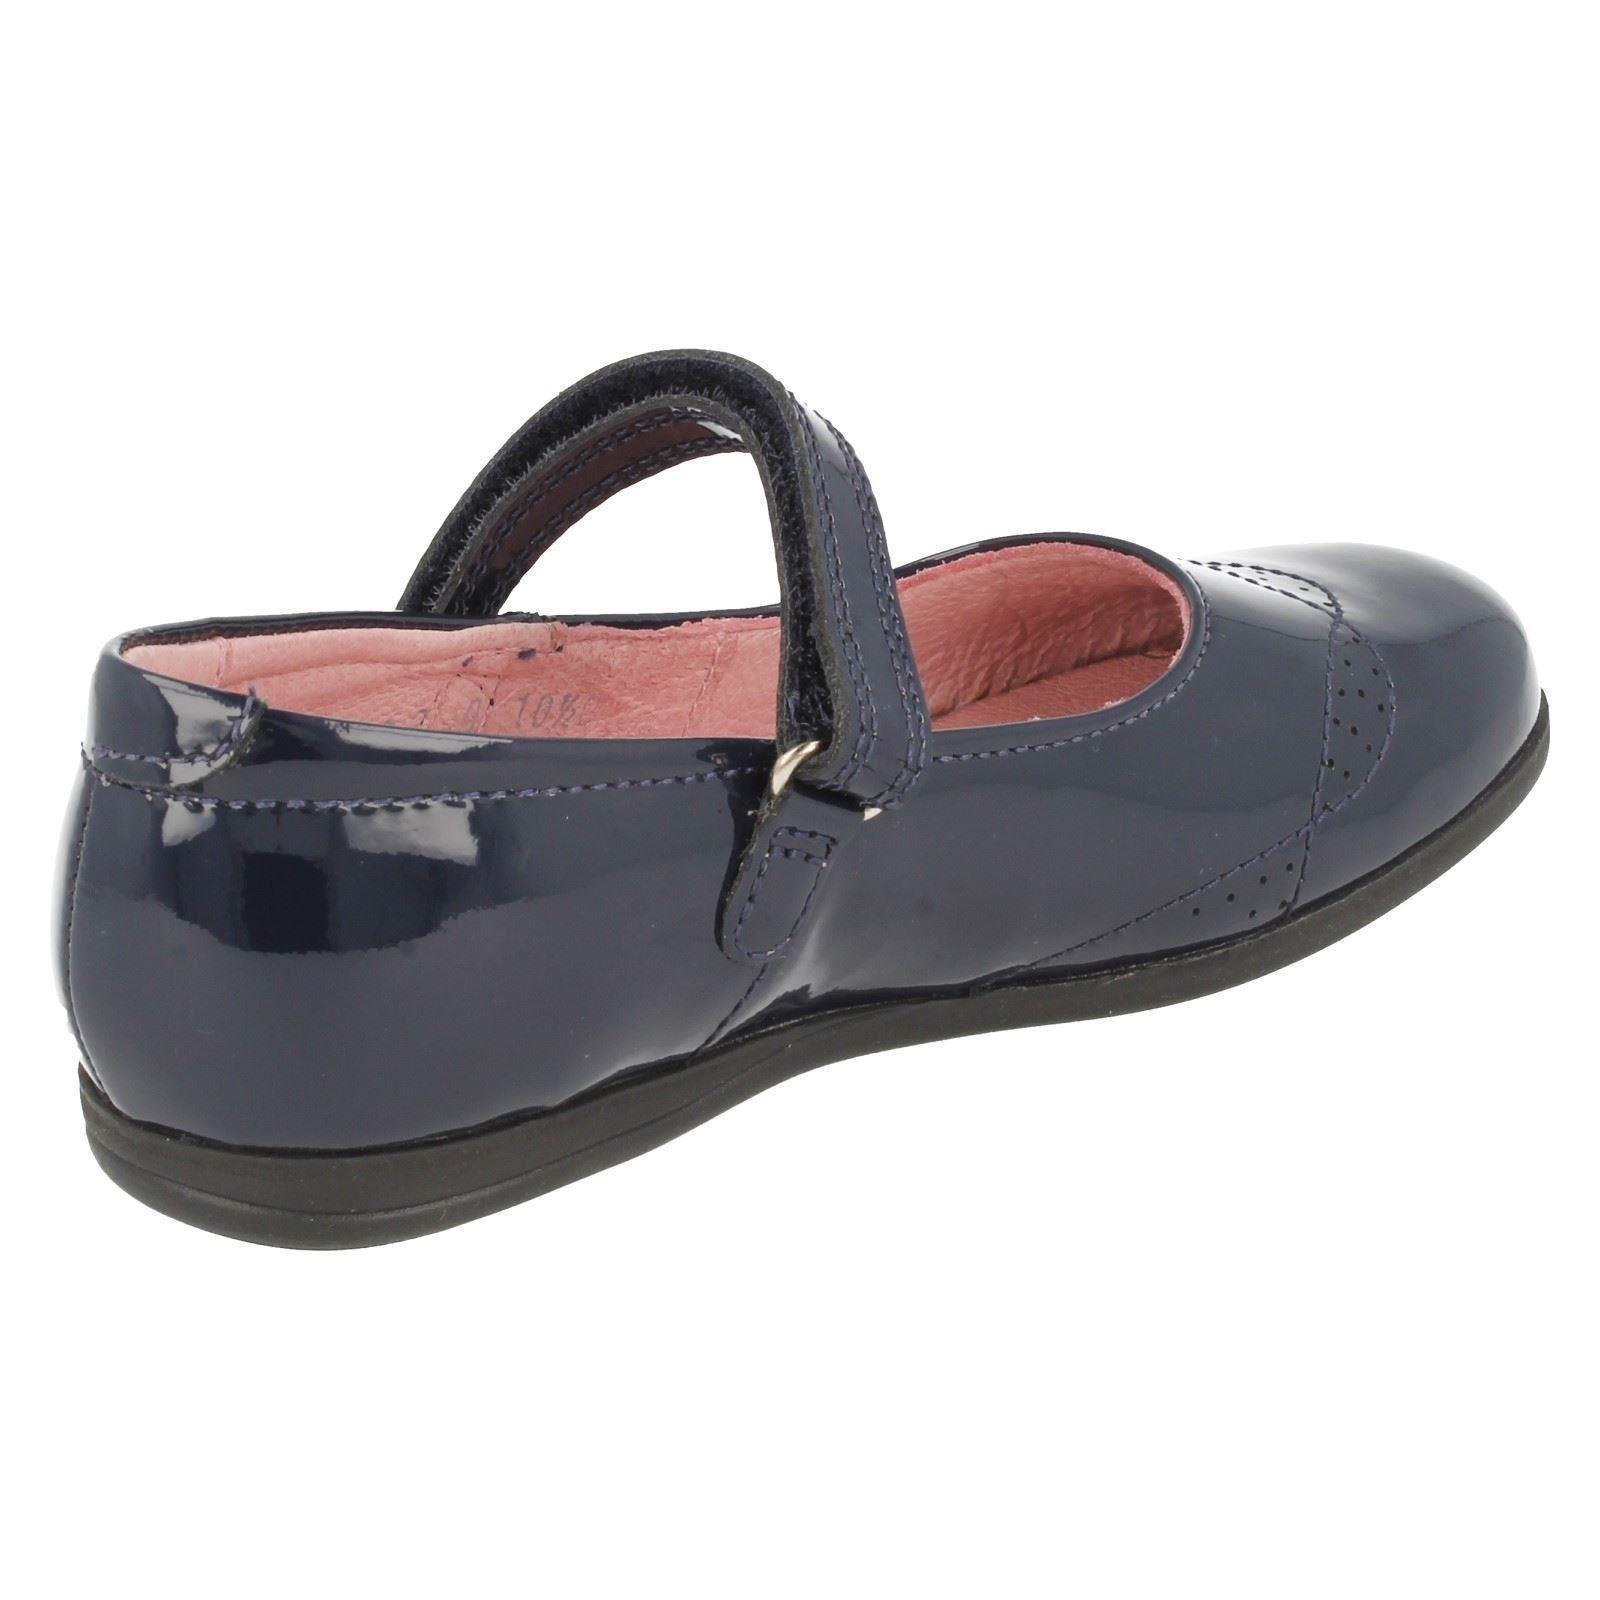 Girls Startrite Mary Jane Formal/School Shoes Odette